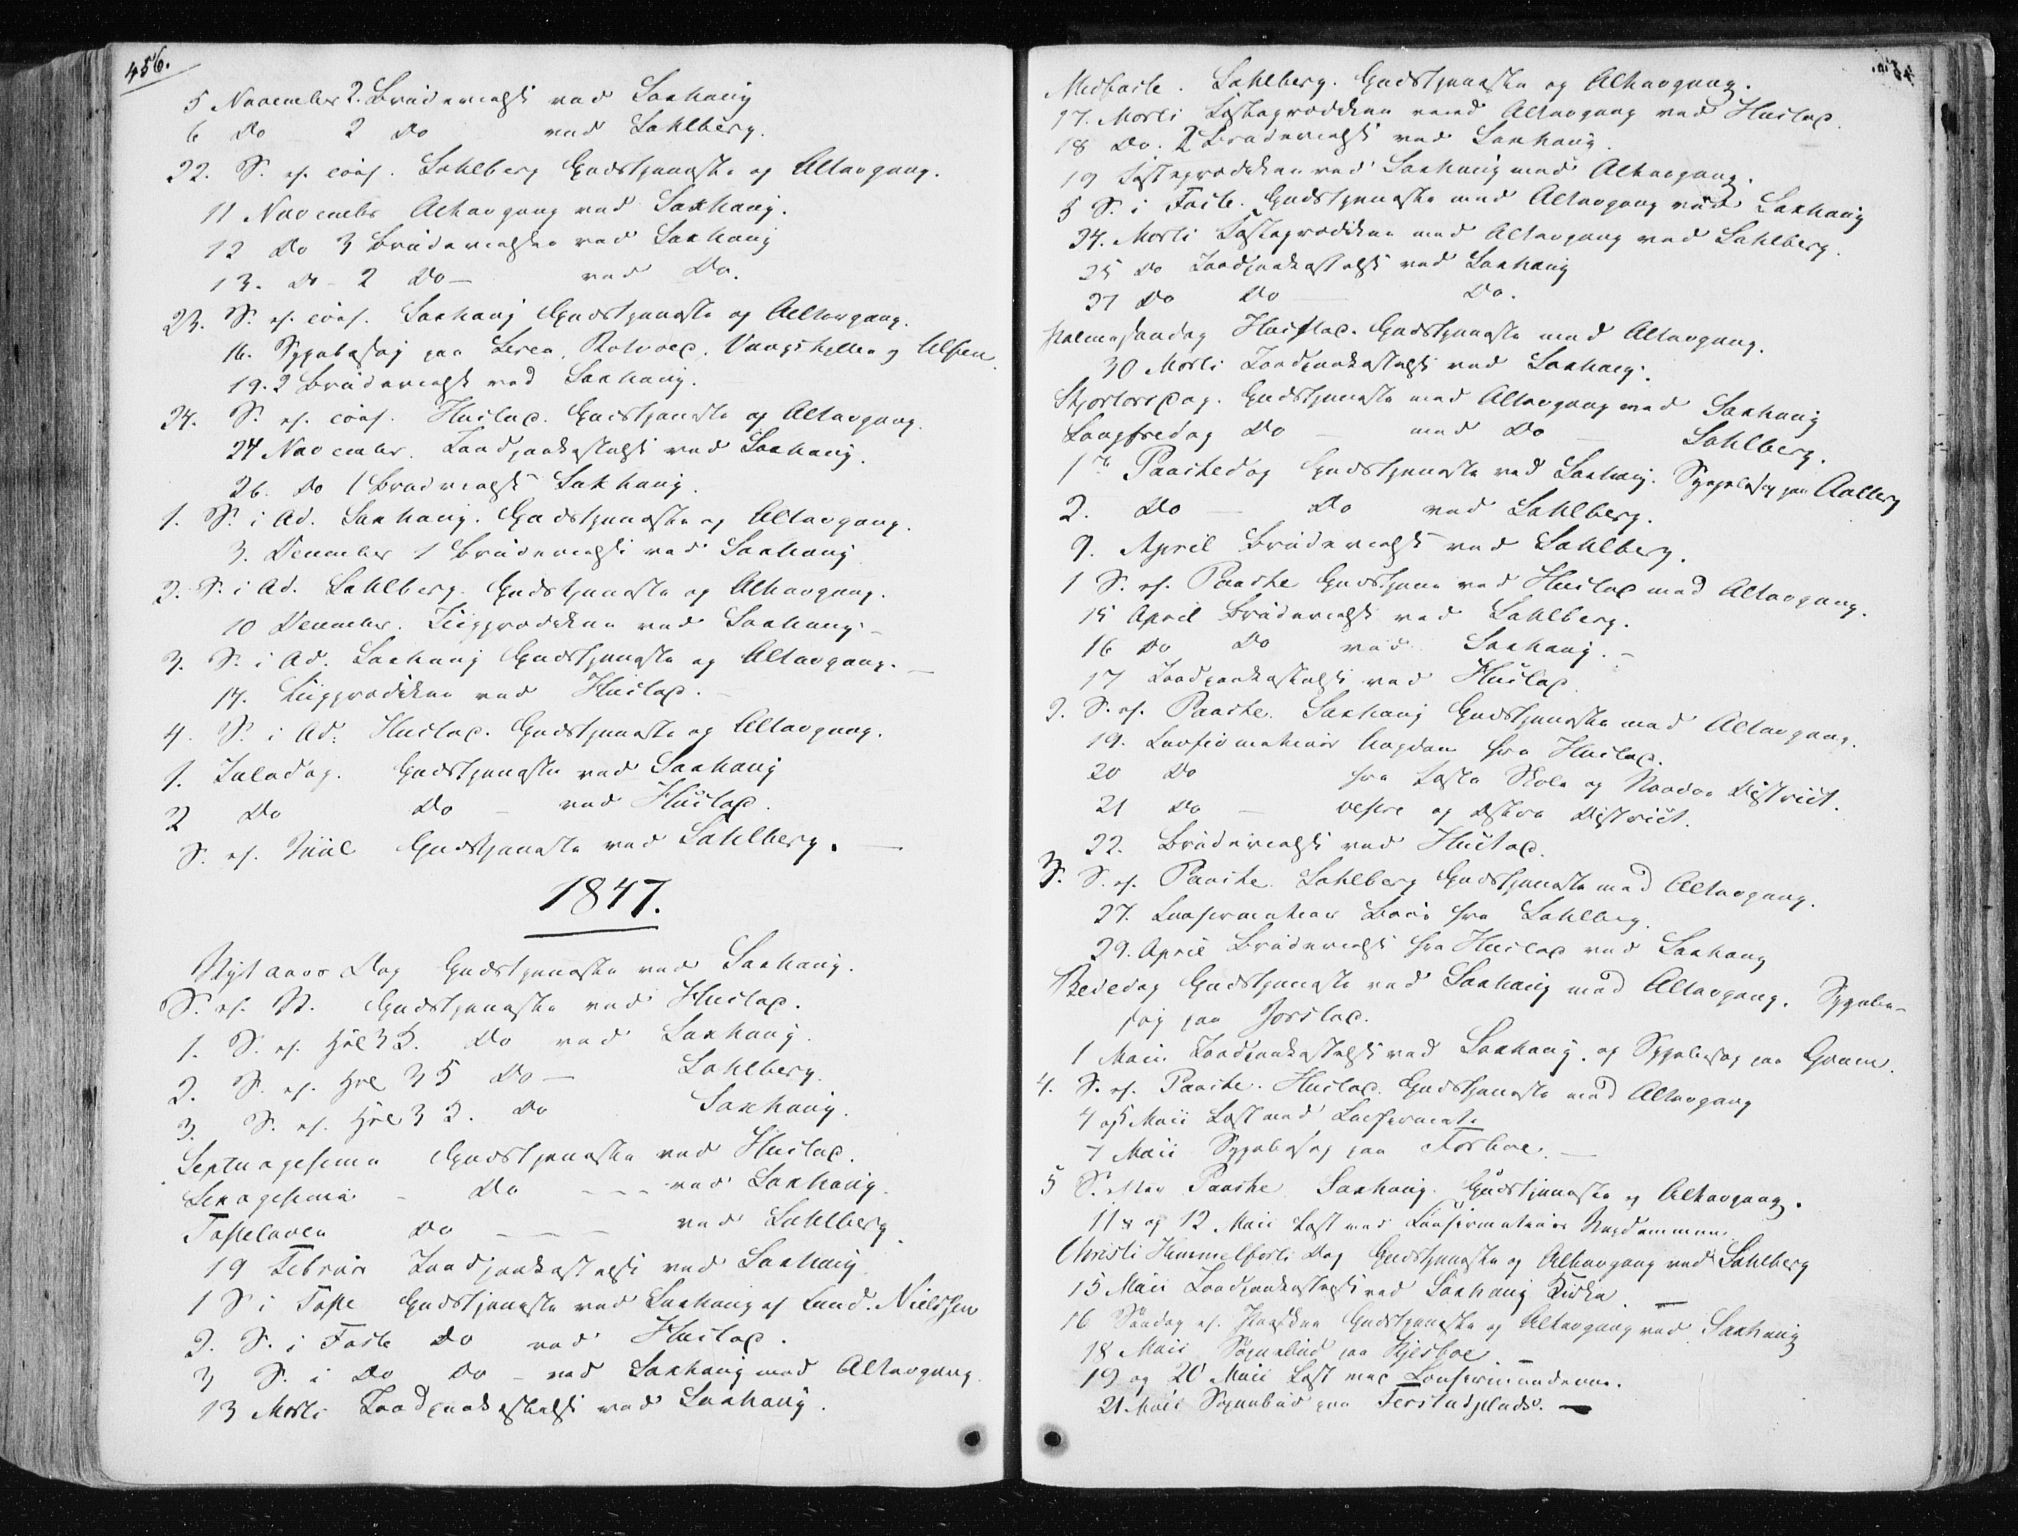 SAT, Ministerialprotokoller, klokkerbøker og fødselsregistre - Nord-Trøndelag, 730/L0280: Ministerialbok nr. 730A07 /1, 1840-1854, s. 456